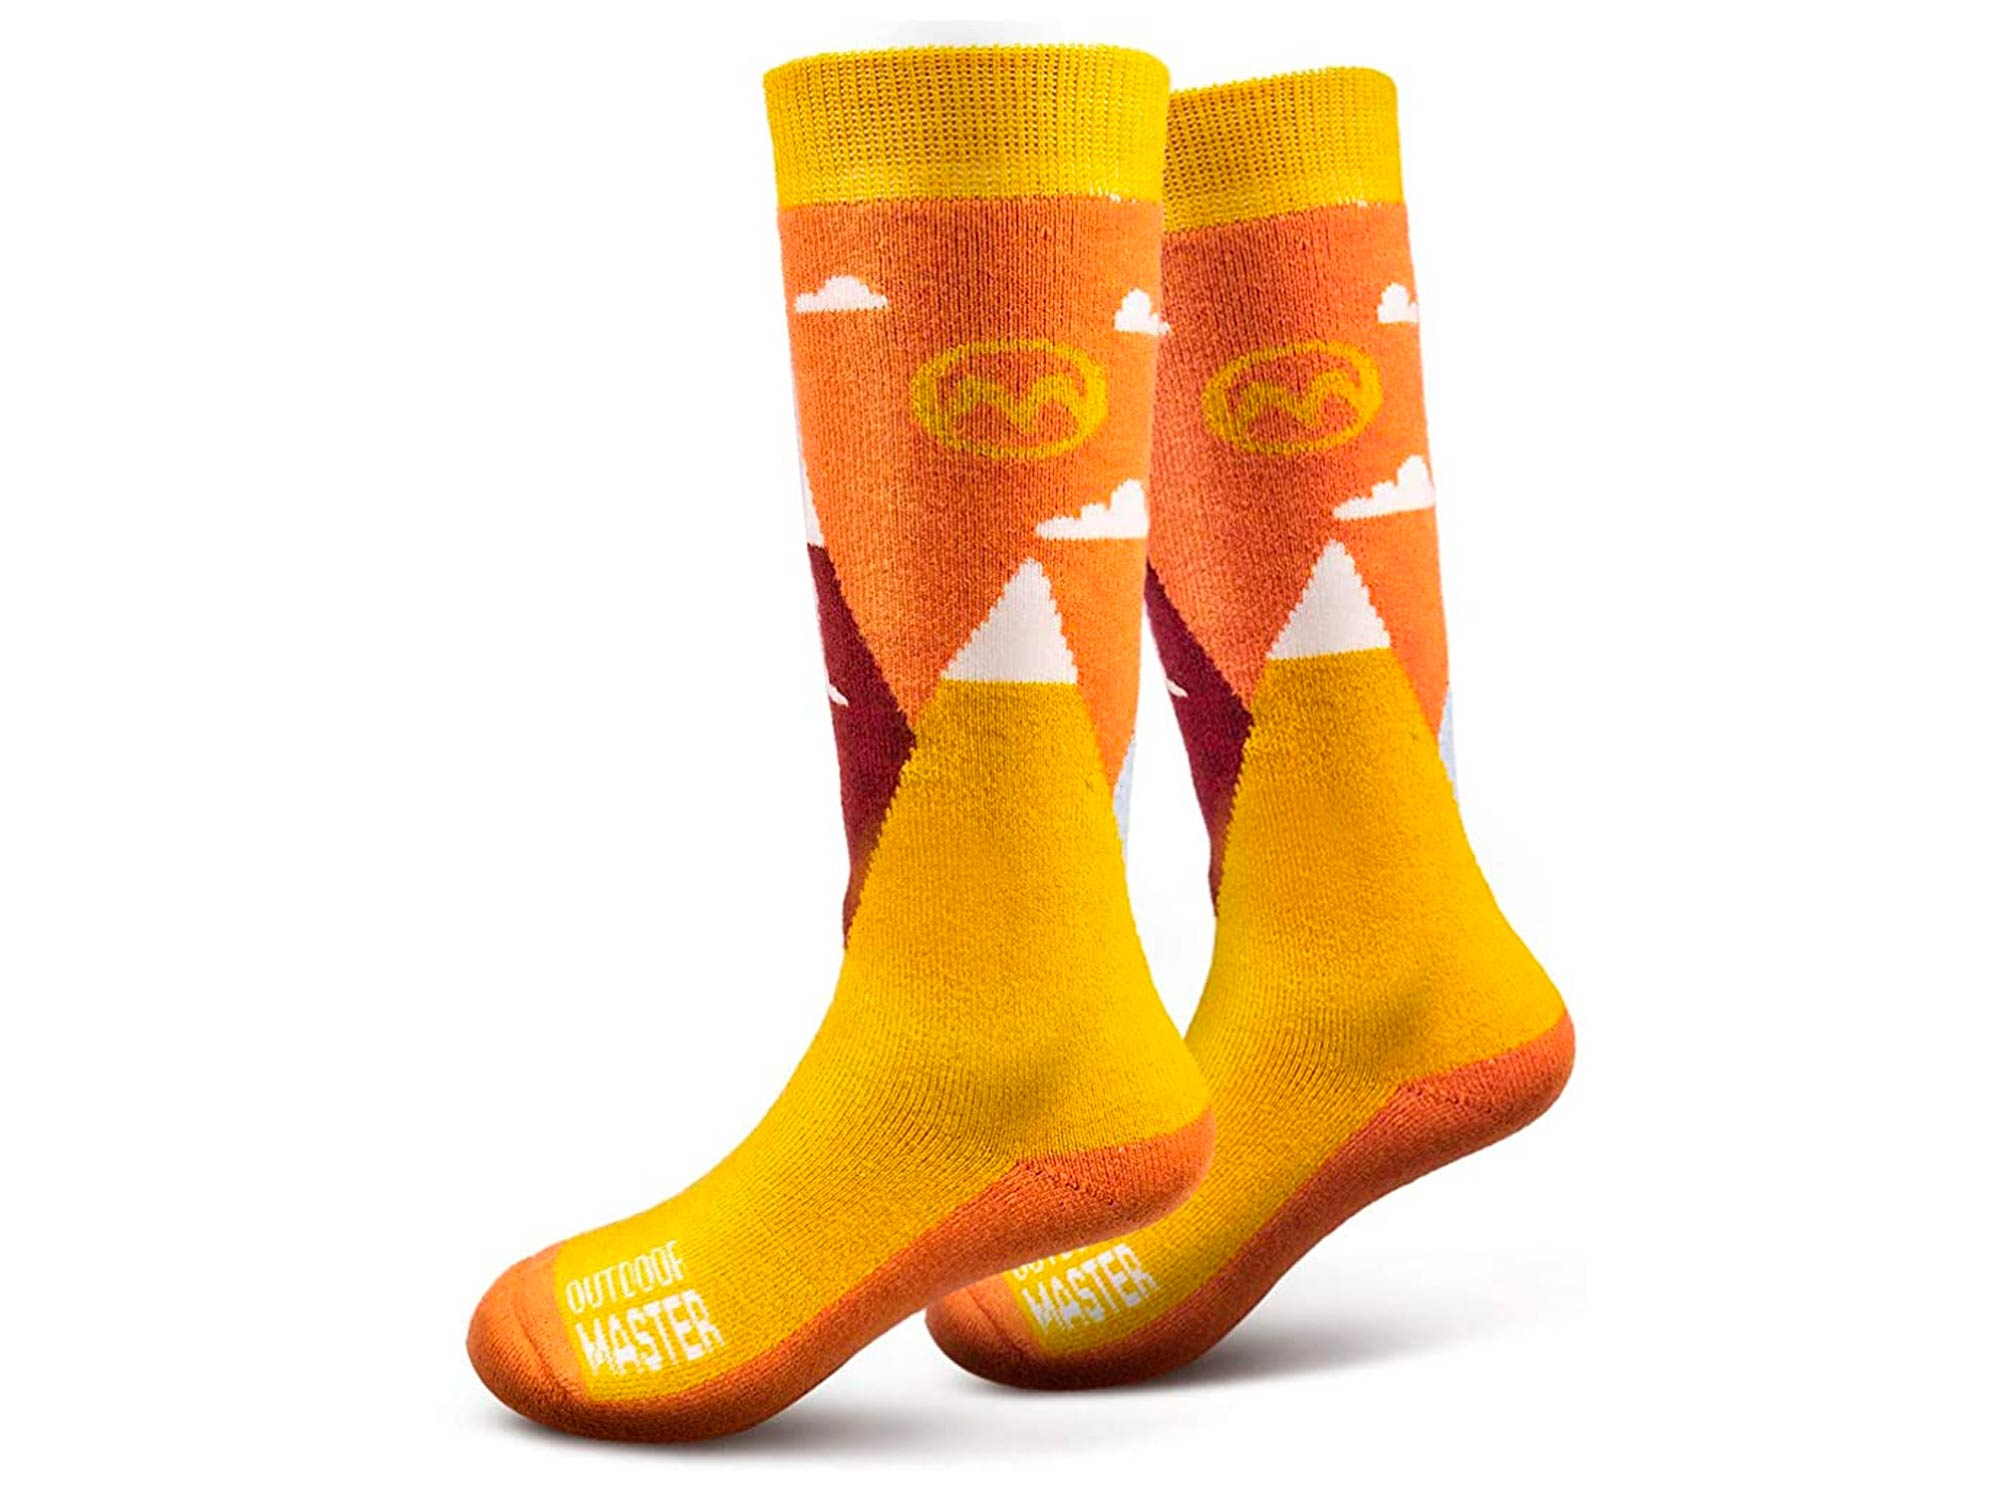 OutdoorMaster ski socks